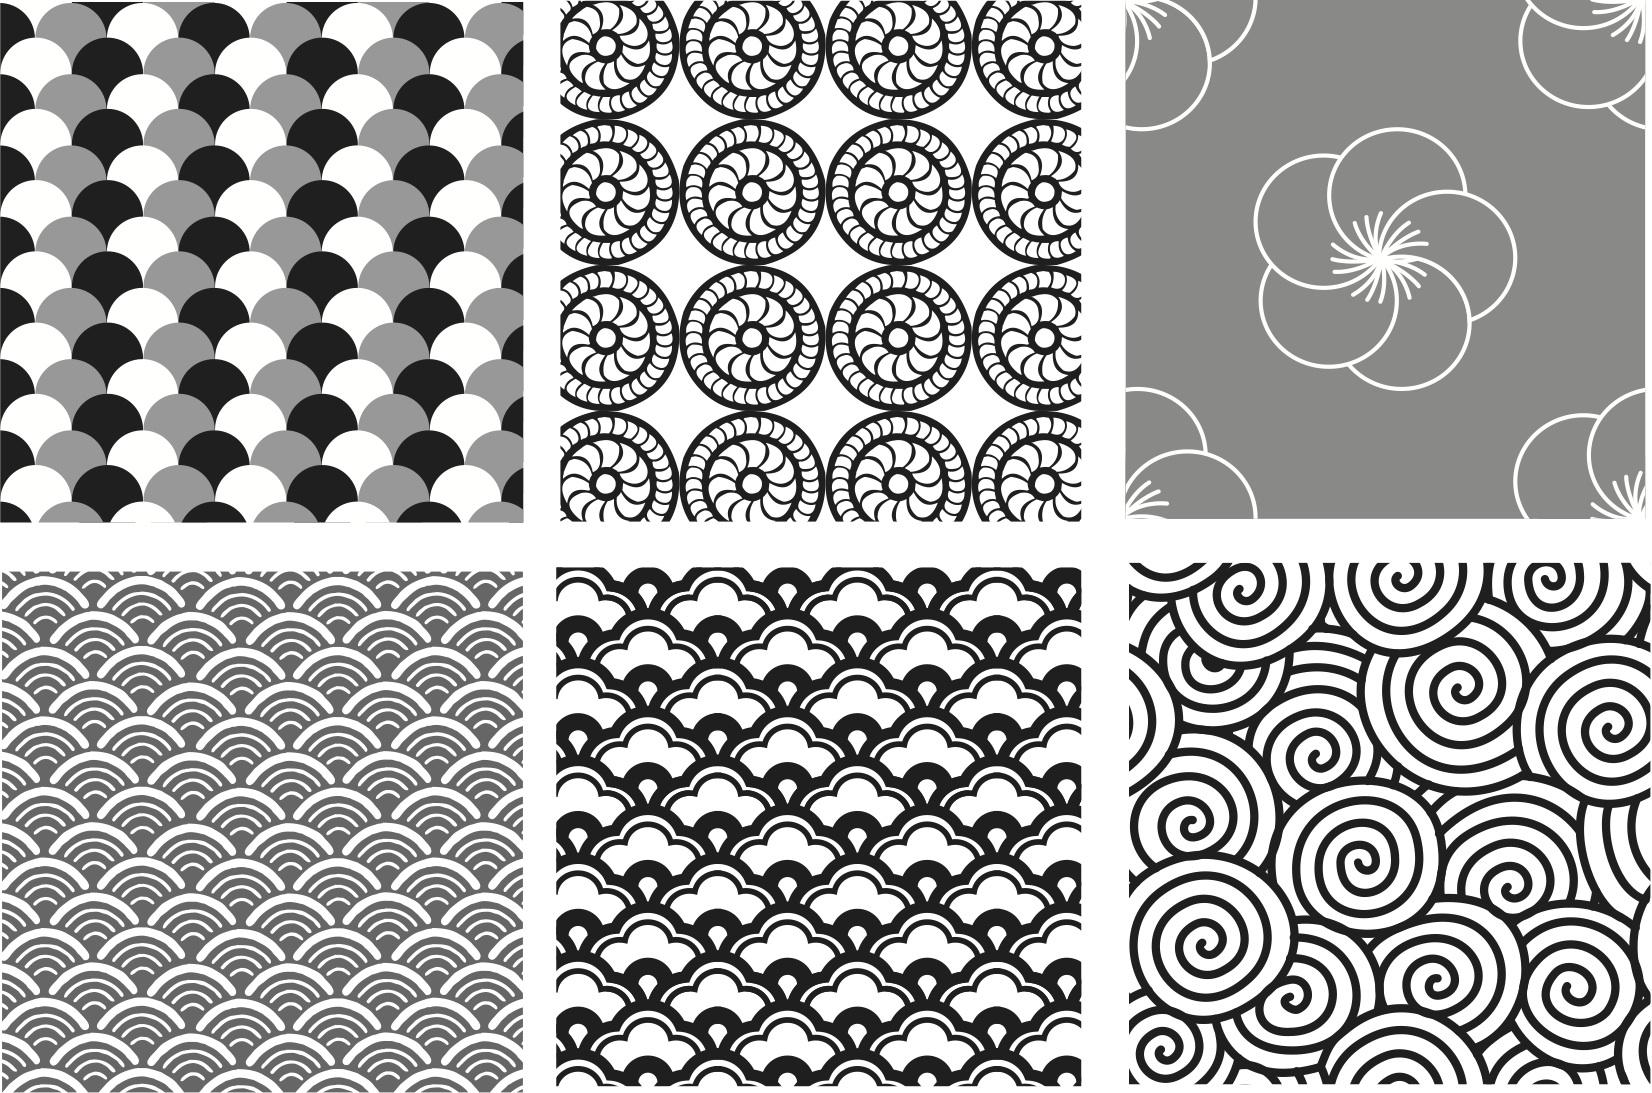 high definition wallpapercomphotowallpaper modern geometric47html 1652x1093